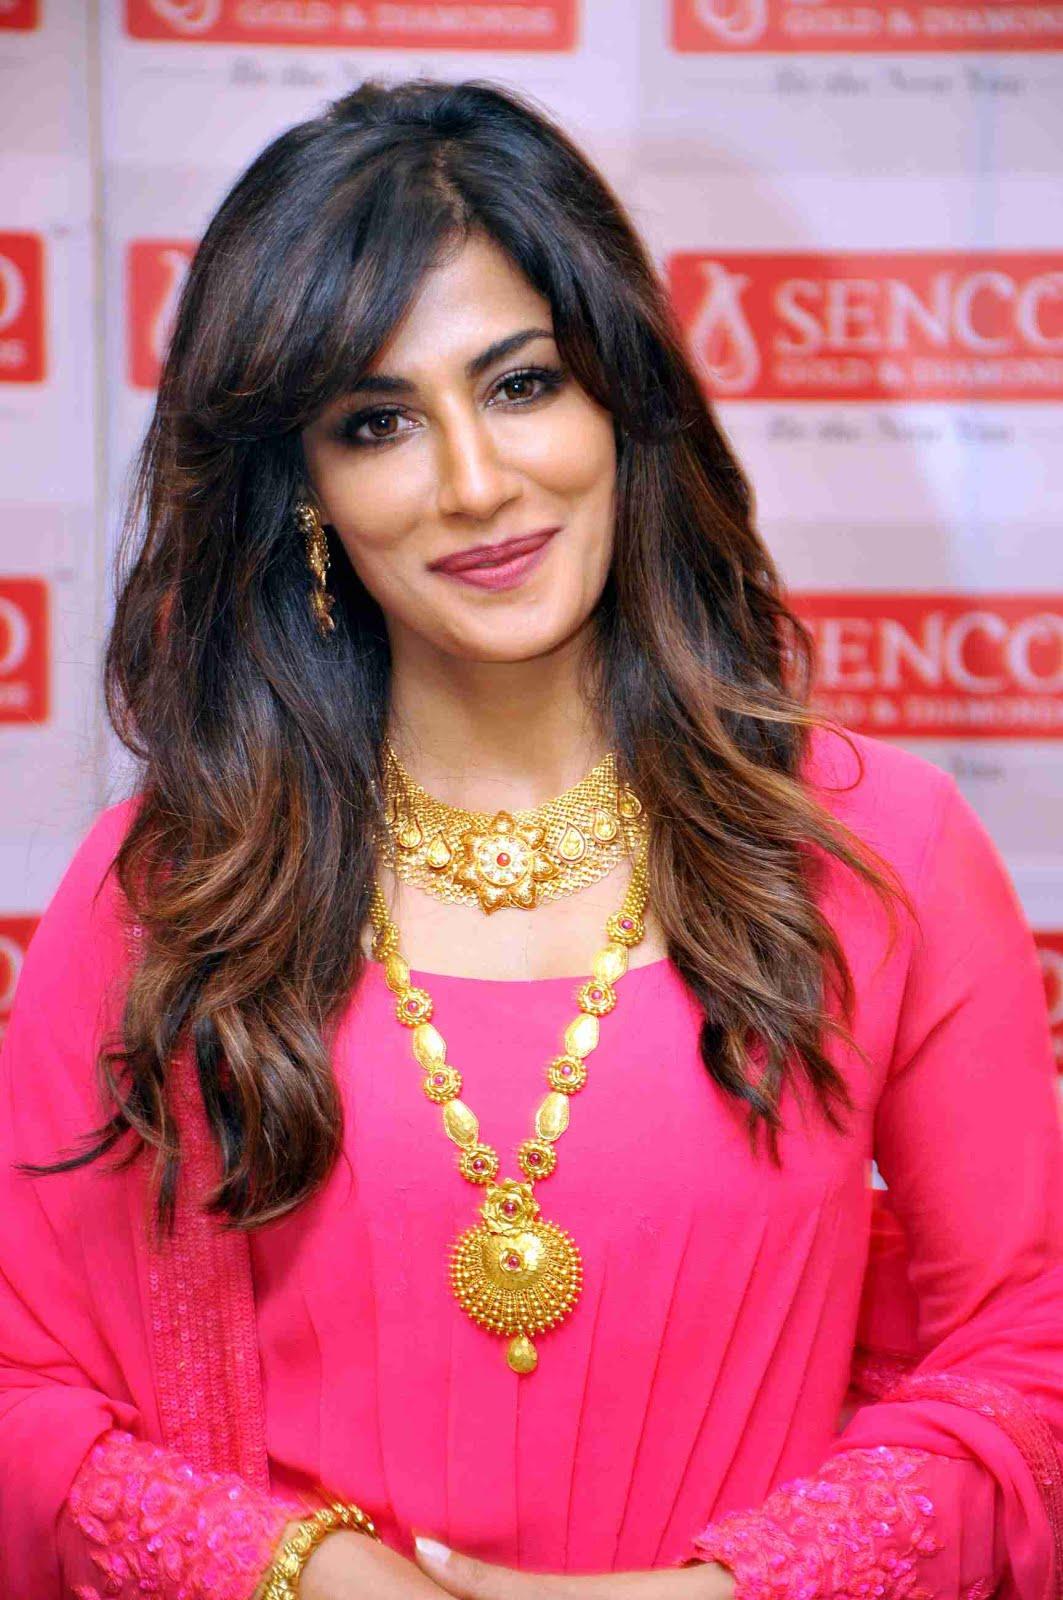 'Babumoshai Bandookbaaz' actress Chitrangada Singh HD Images & Wallpapers